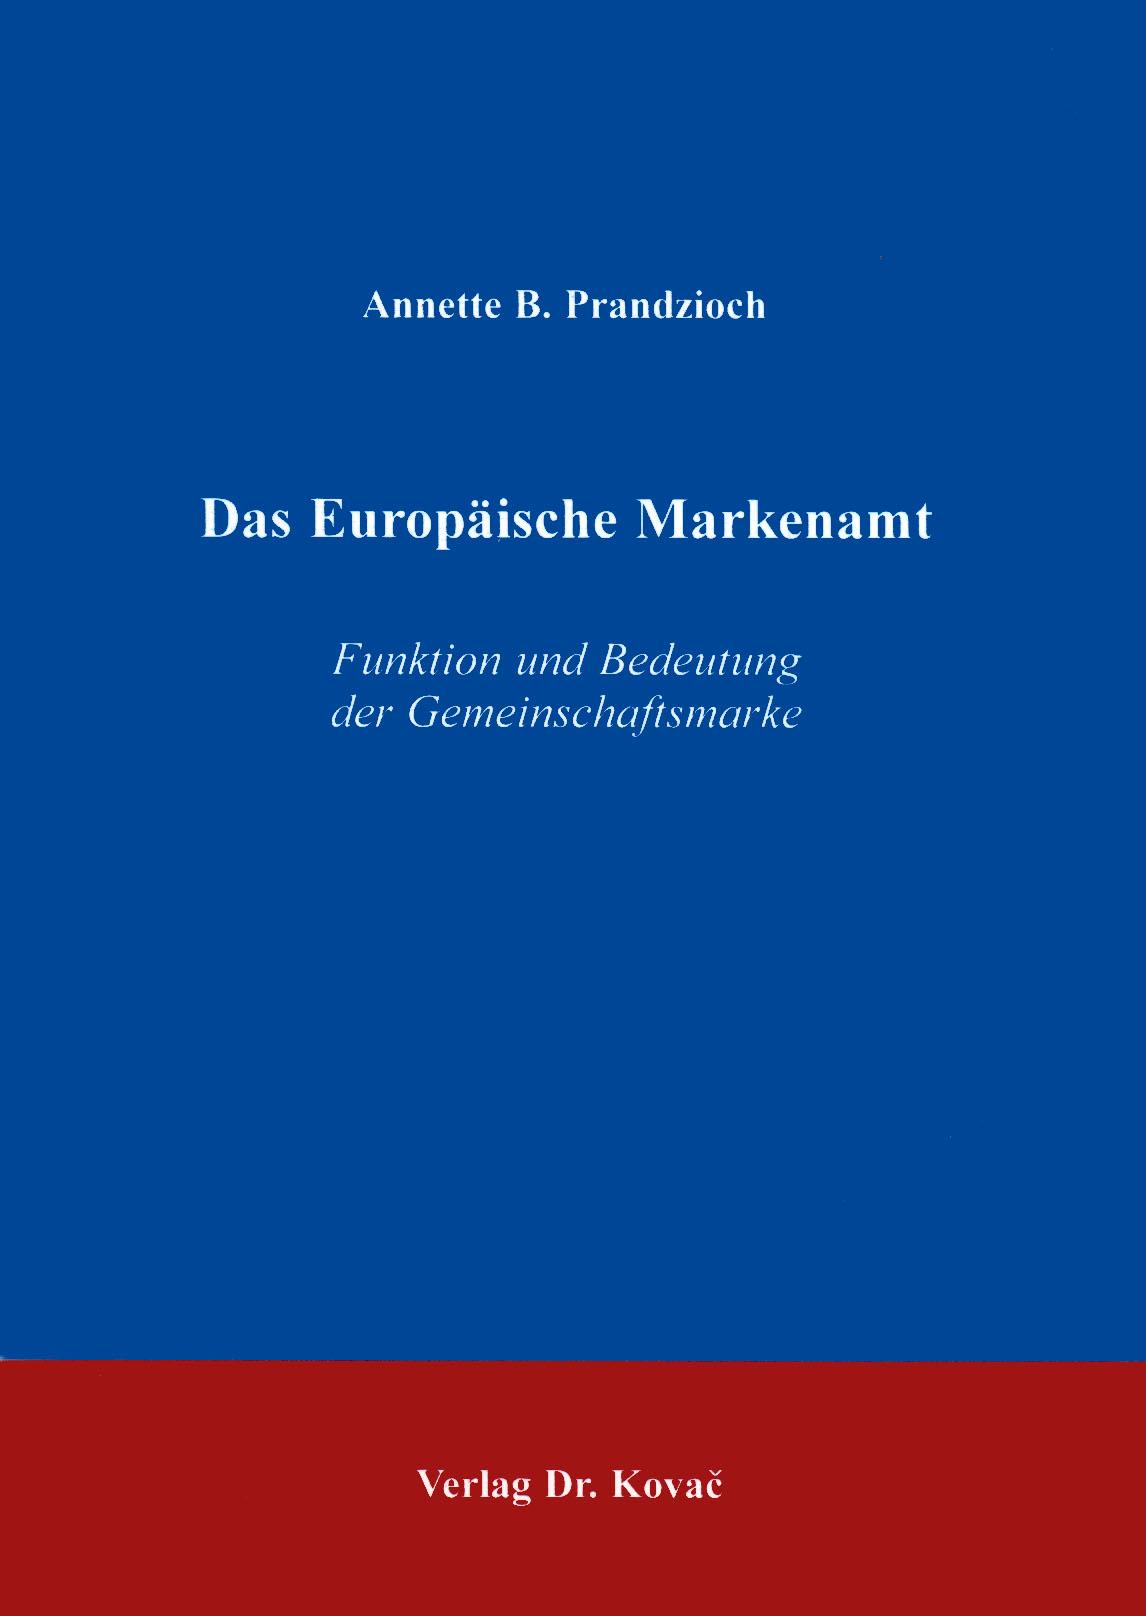 Cover: Das Europäische Markenamt